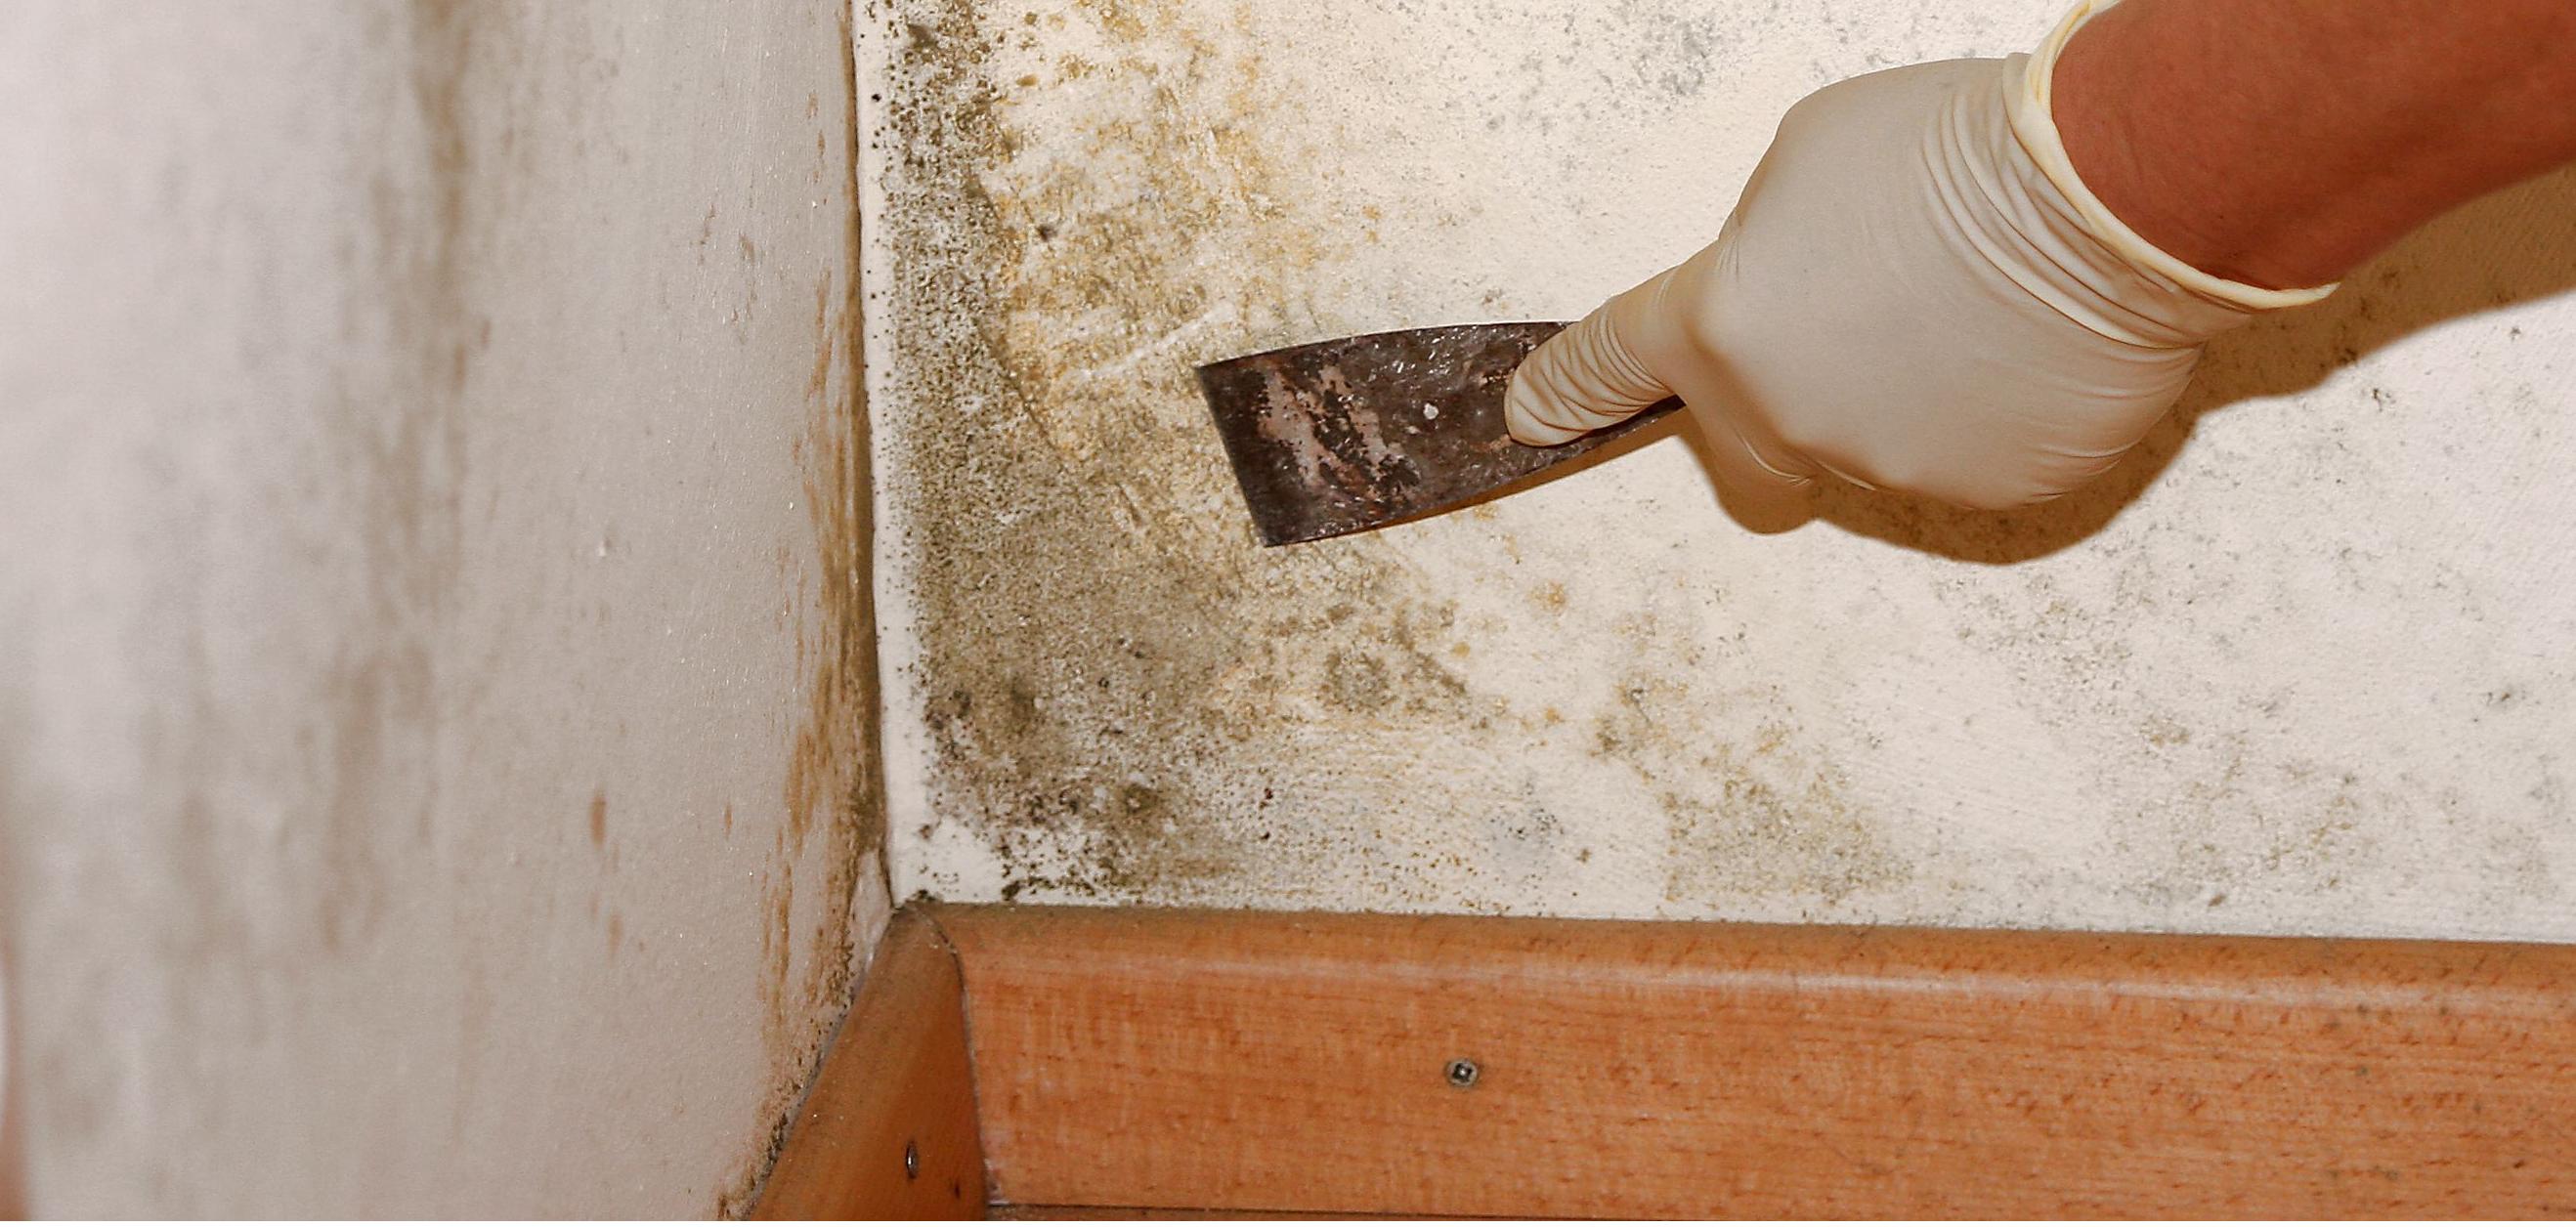 Как избавится от грибка на стенах в домашних условиях